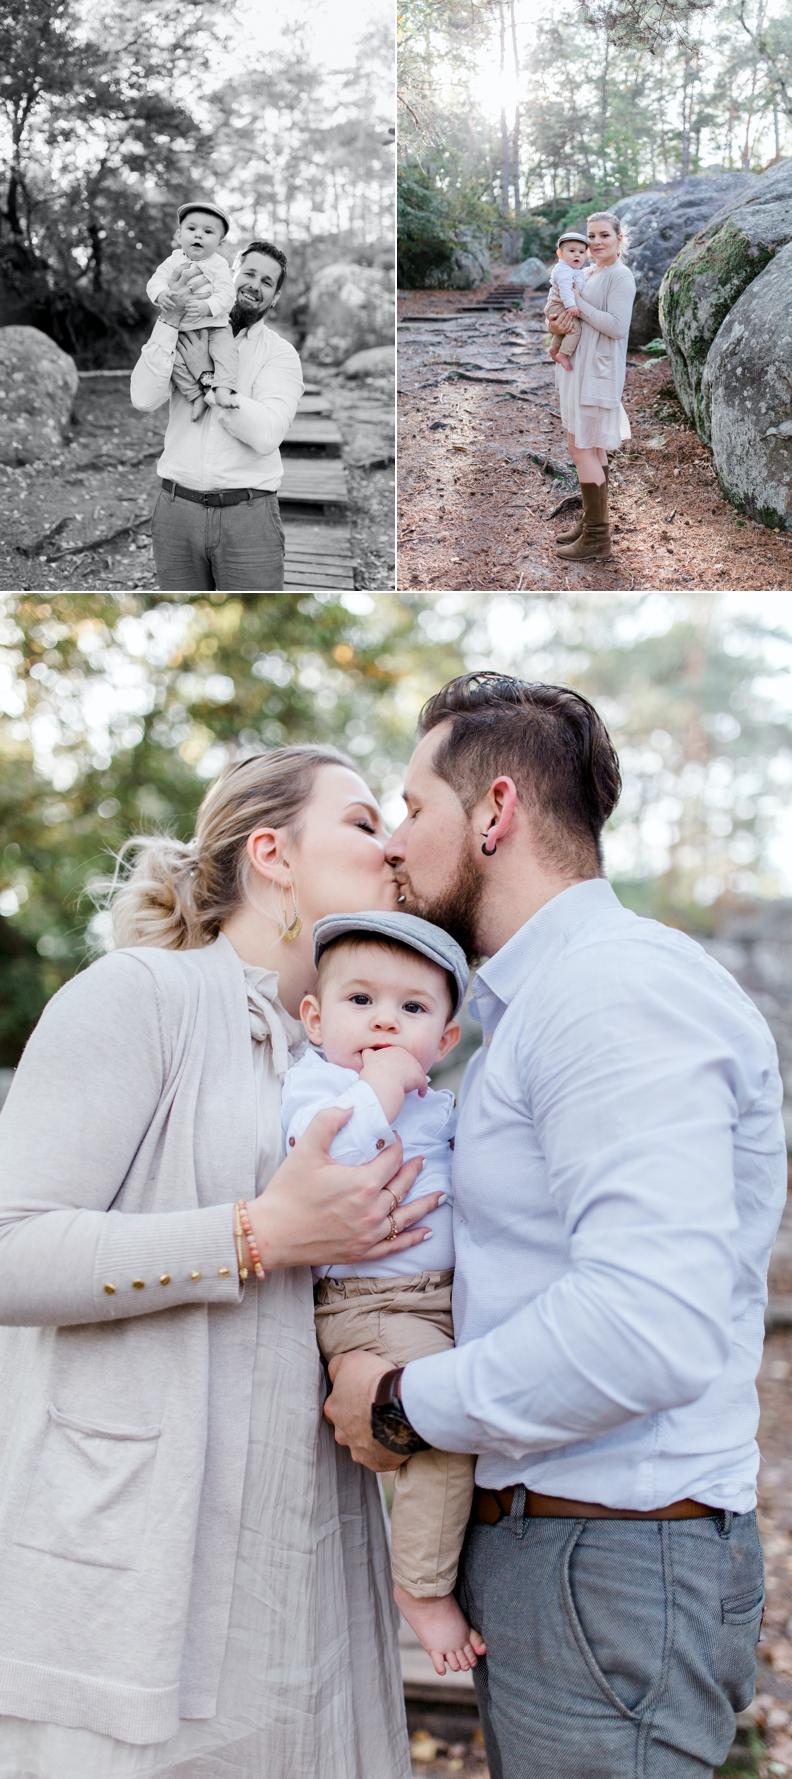 séance photo famille fontainebleau